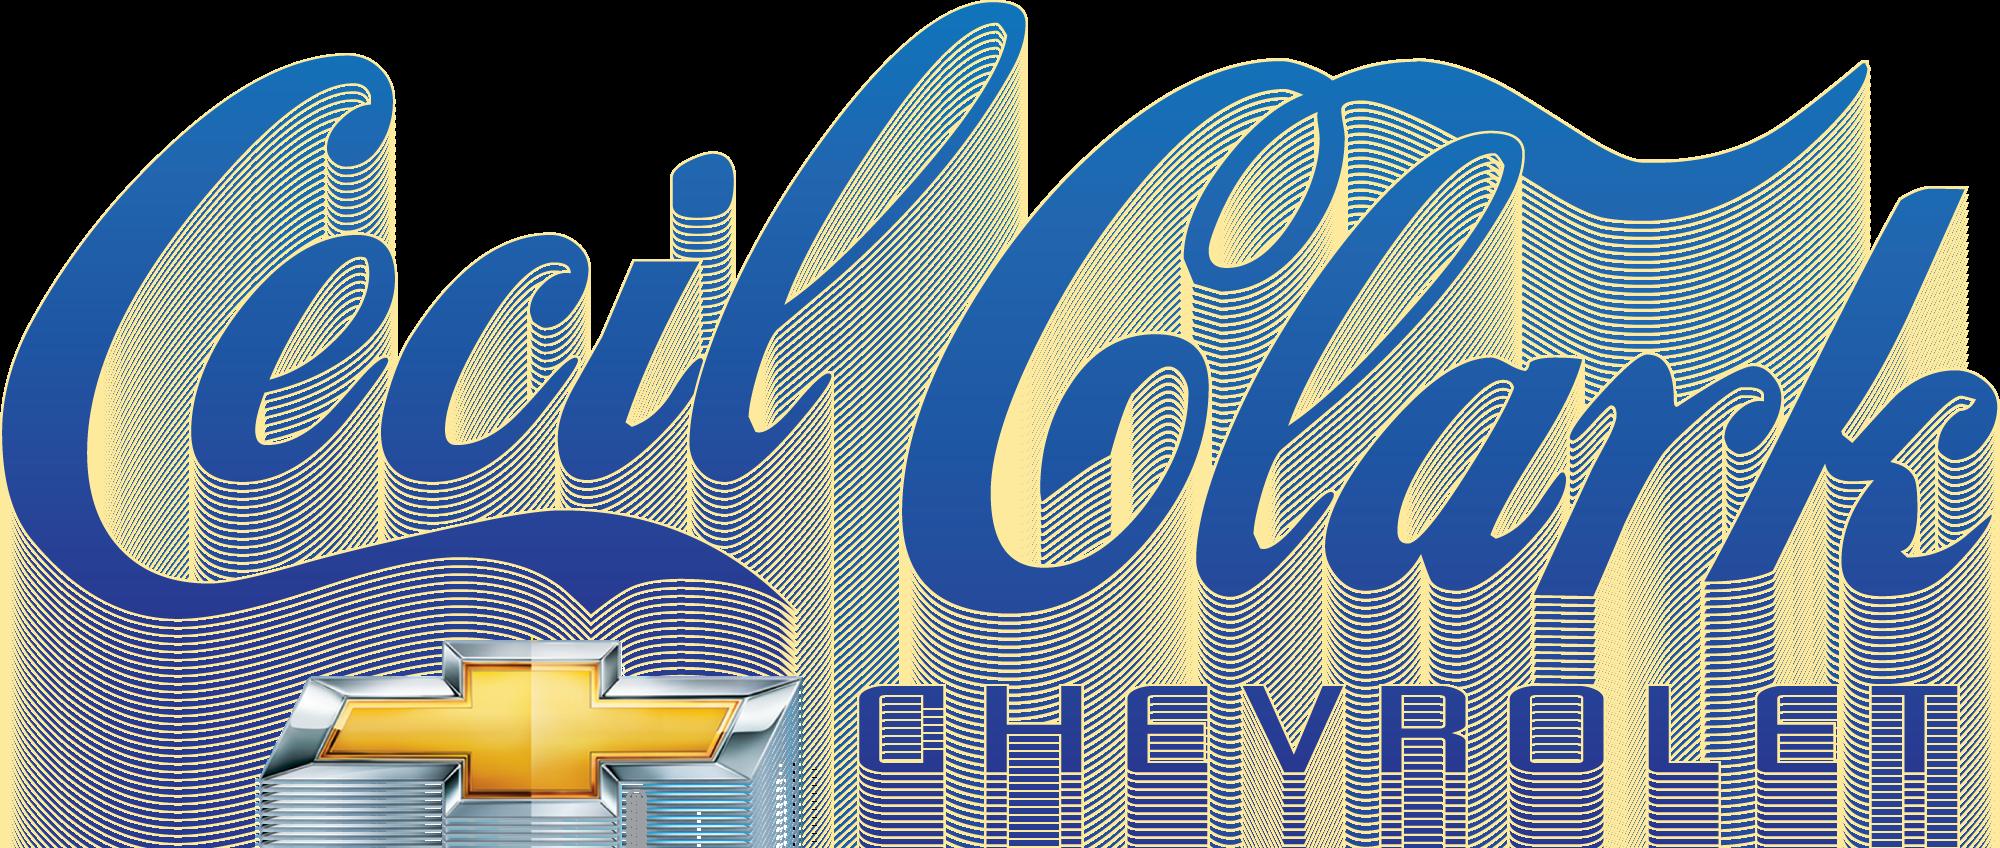 Cecil Clark Chevrolet